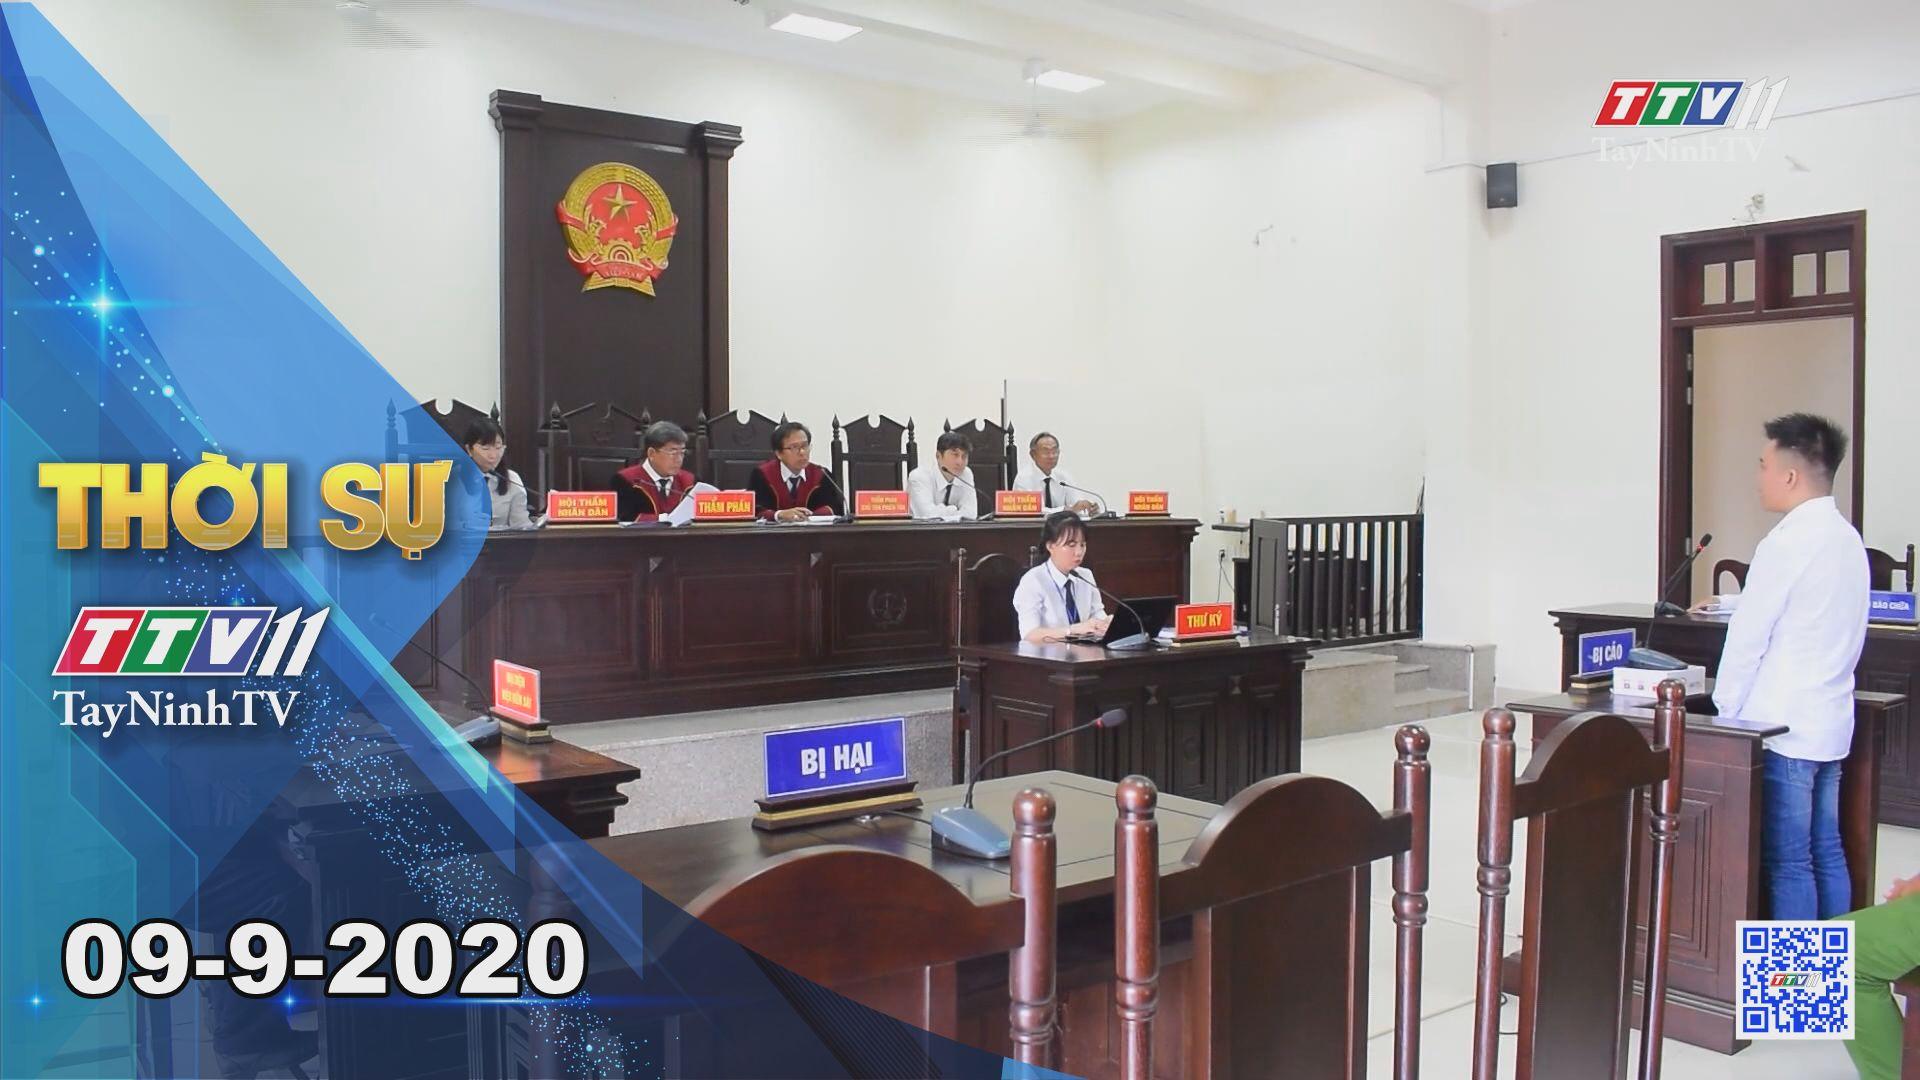 Thời sự Tây Ninh 09-9-2020 | Tin tức hôm nay | TayNinhTV